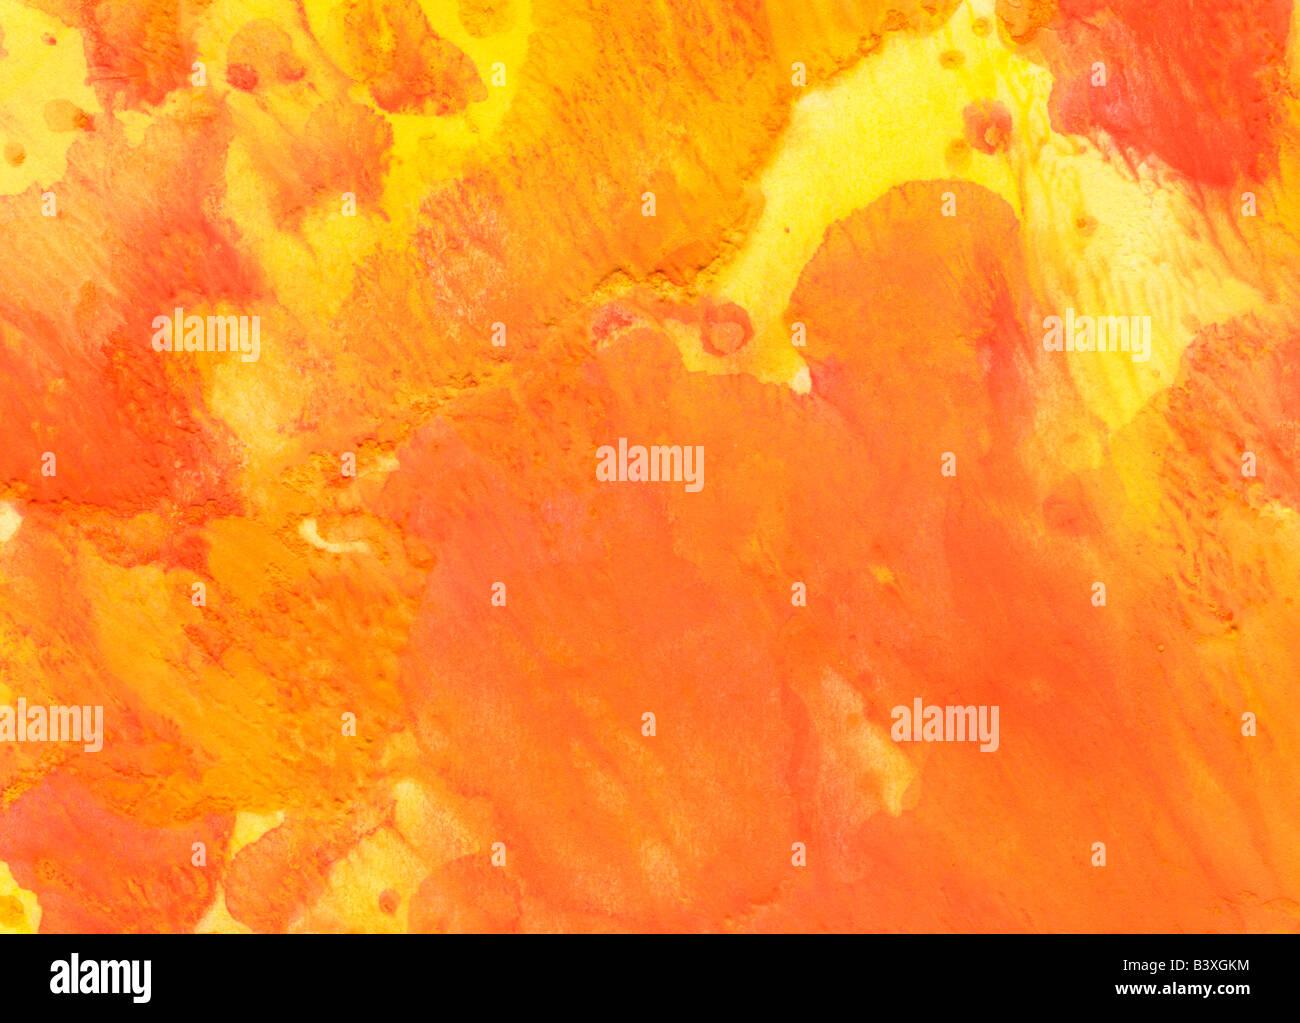 Giallo arancione acquerello sfondo di lavaggio Immagini Stock